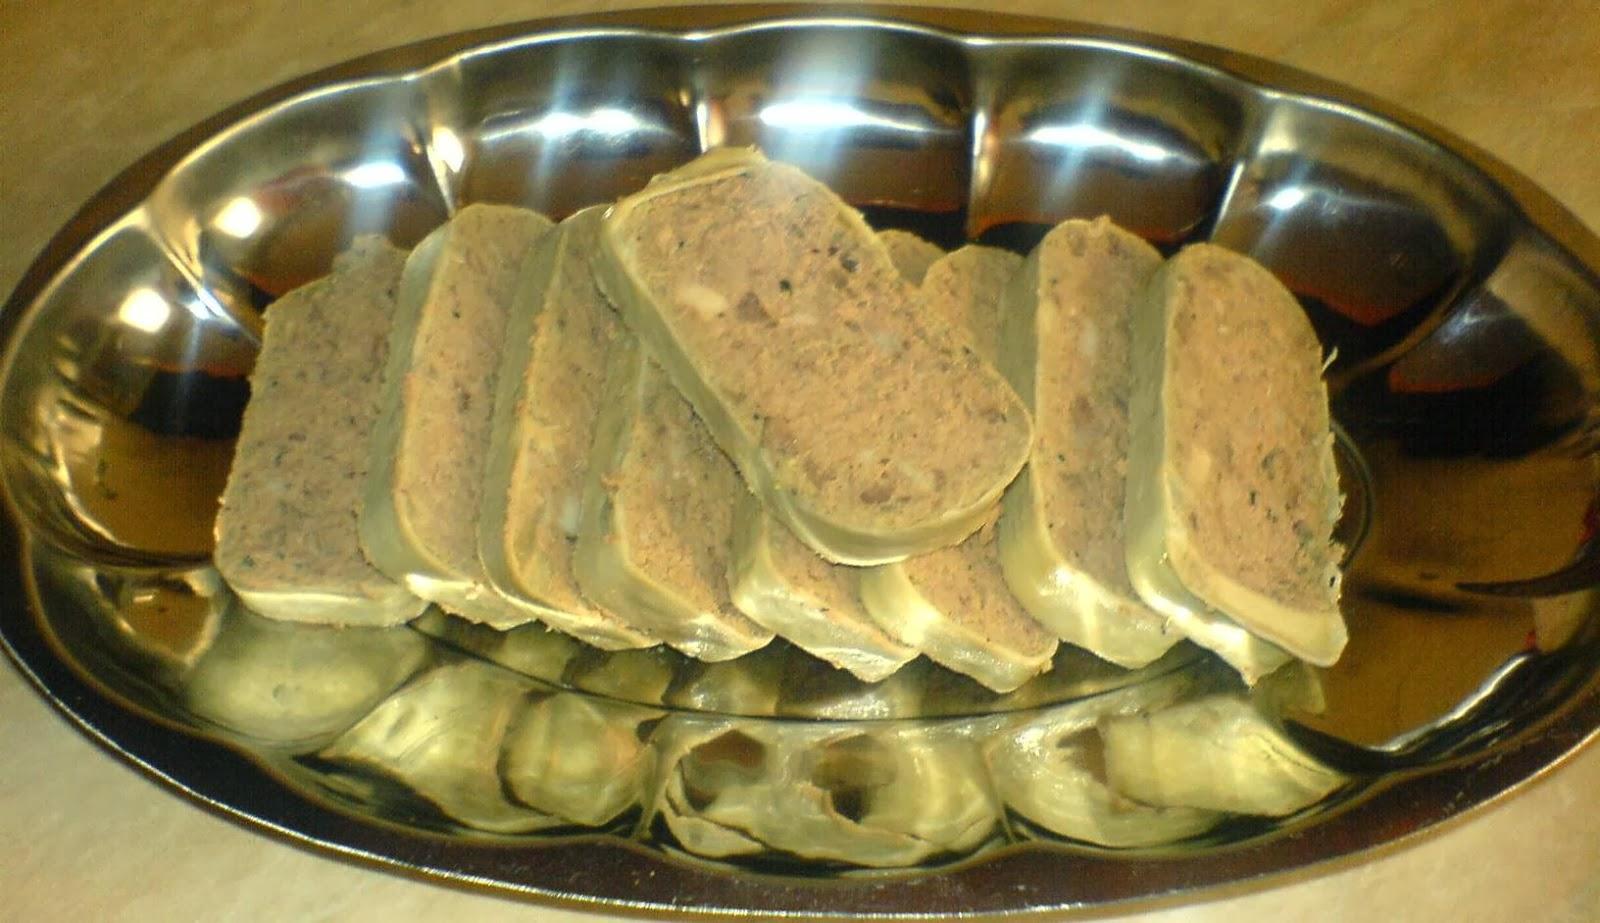 lebar, lebar de porc, lebar de casa, lebarbusi, caltabosi, lebarvurst, maios, lebarbusi de porc, caltabosi de porc, retete lebar, reteta lebar, retete culinare, preparate culinare, retete de craciun, retete craciun, retete cu carne de porc, aperitive de craciun,